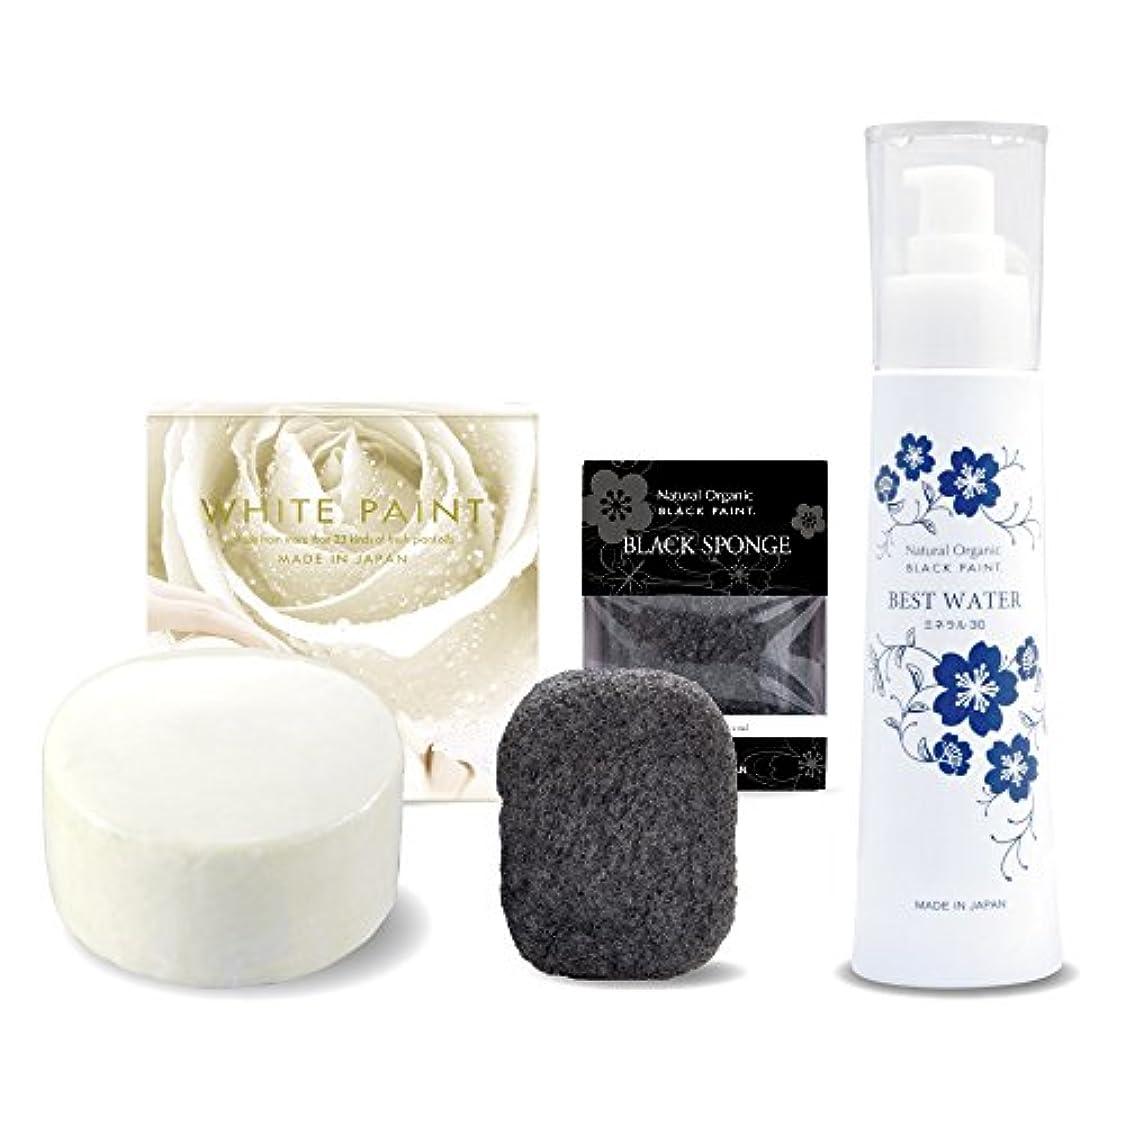 人工ロマンスメモホワイトペイント 120g&ブラックスポンジ&ベストウォーター100ml 塗る石鹸 洗顔セット 無添加 国産